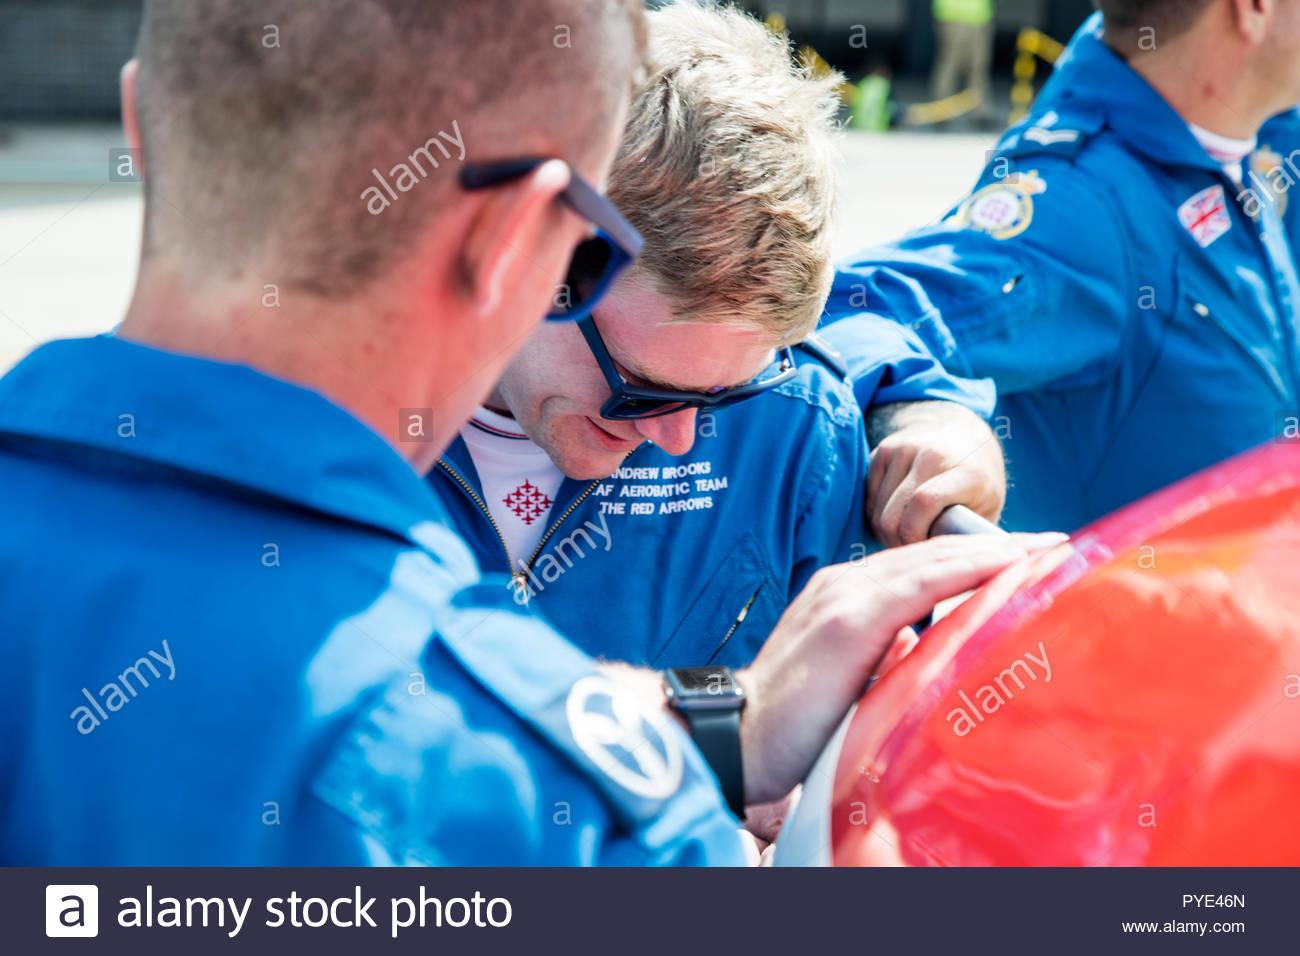 Men working on Red Arrows airplane on RAF Scrampton, UK - Stock Image